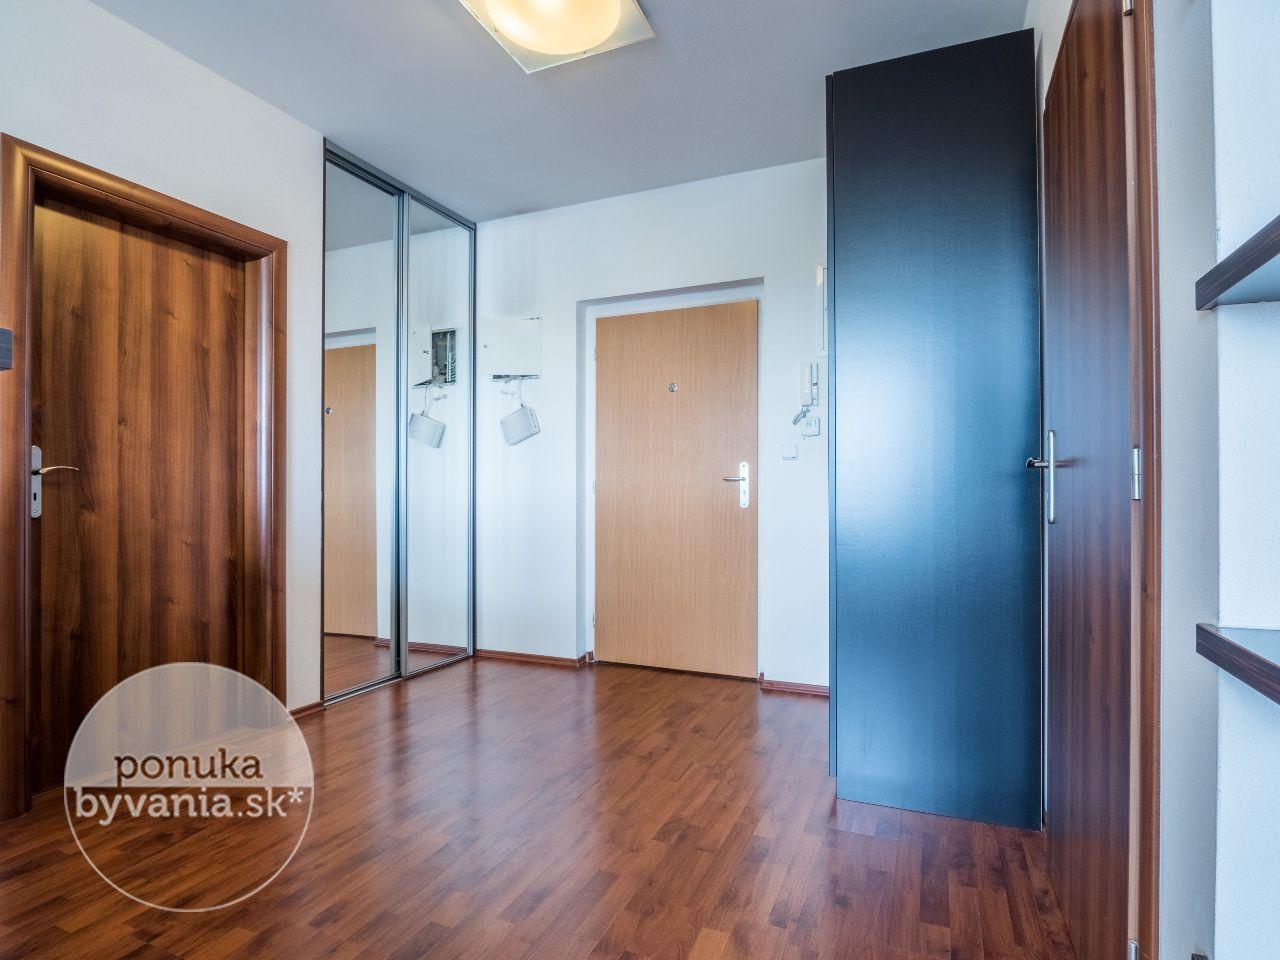 ponukabyvania.sk_Pečnianska_2-izbový-byt_archív